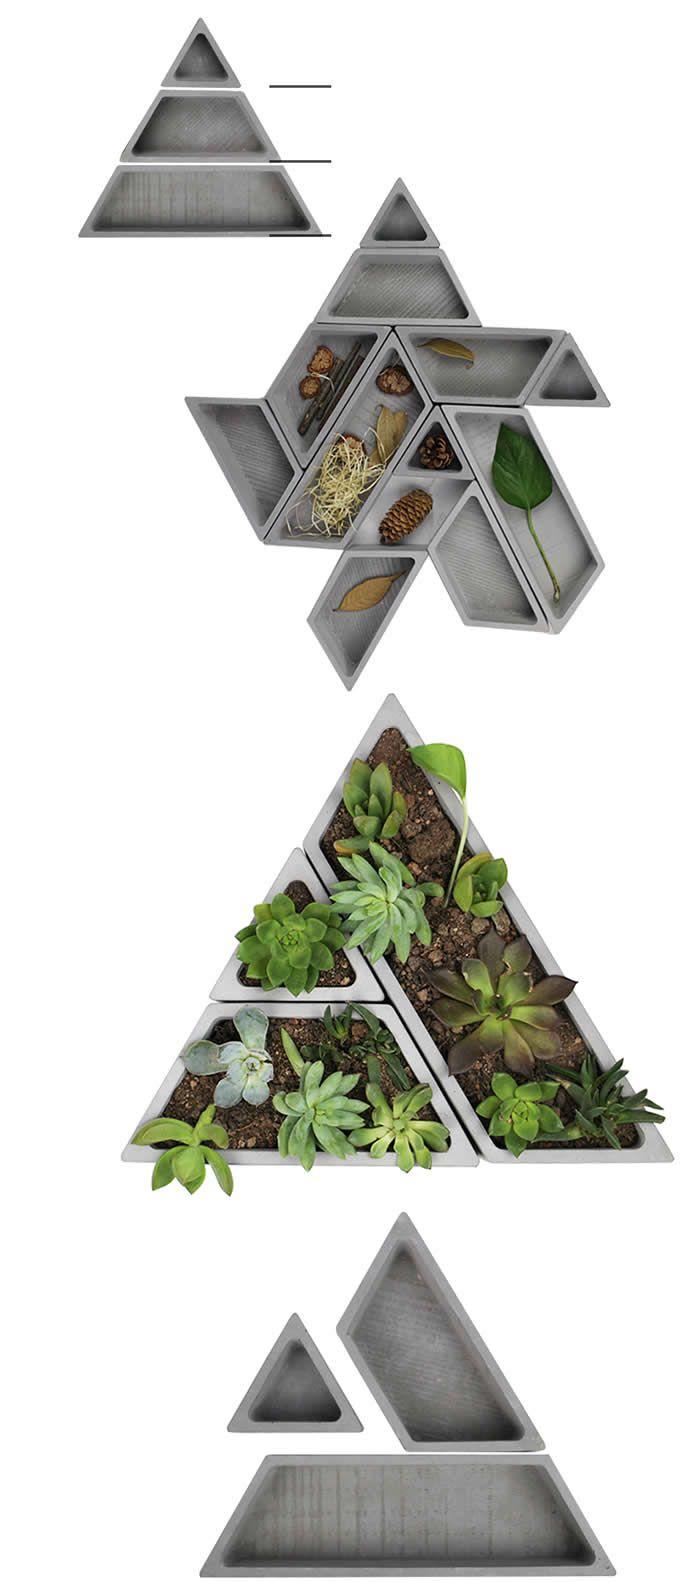 Geometric Concrete Desk Tidy Modular Office Desk Organizer Succulent Planter Plant Pot Flower Pot Flower Pots Succulent Planter Concrete Pots